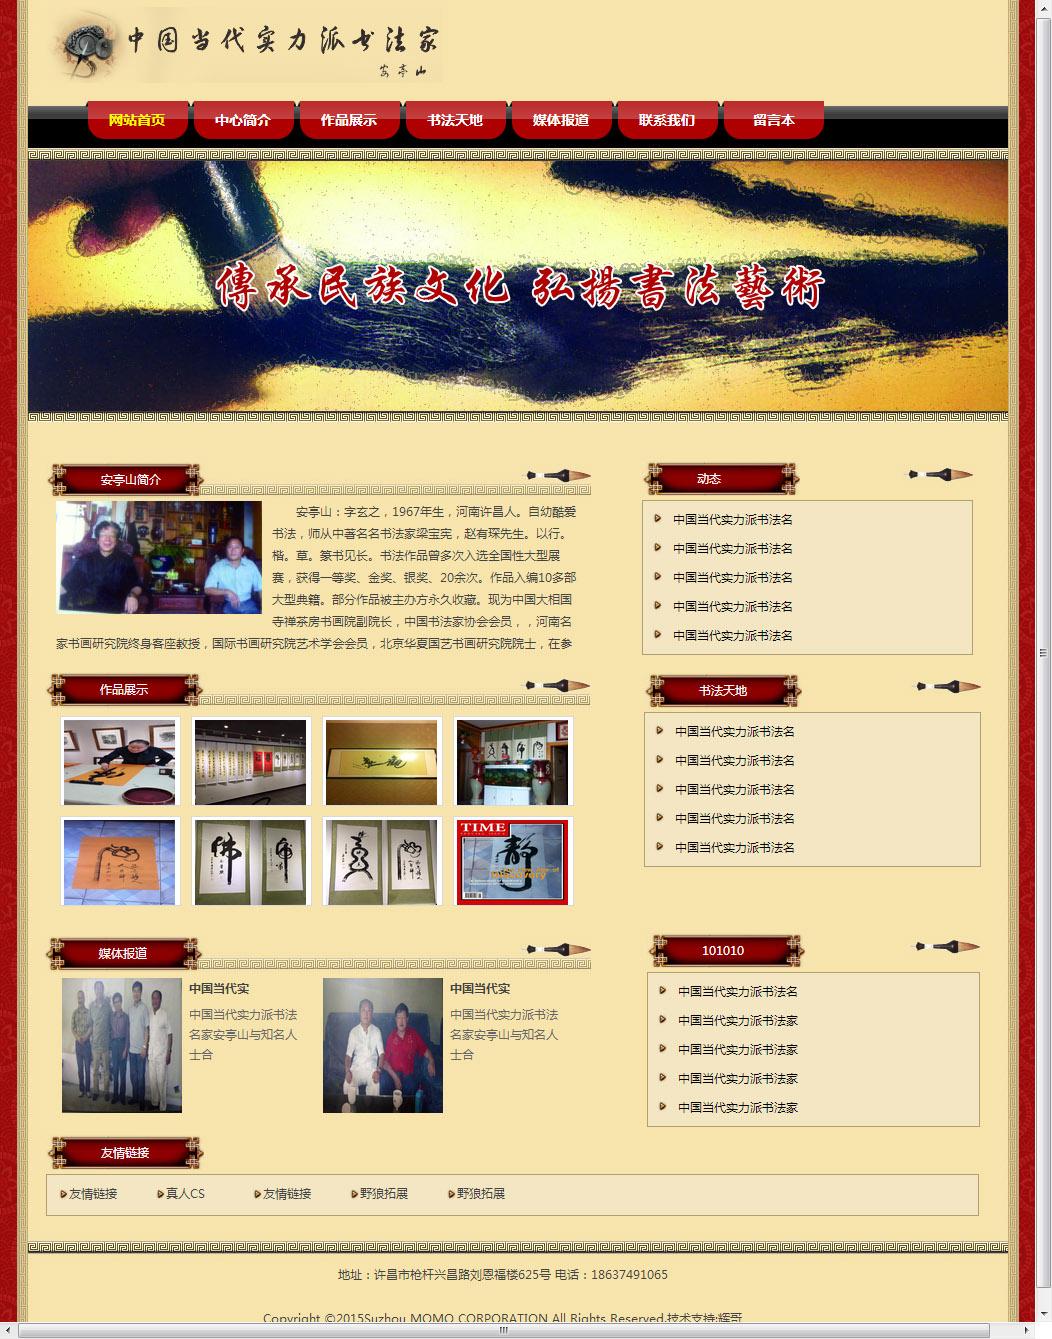 安亭山书法官方网站